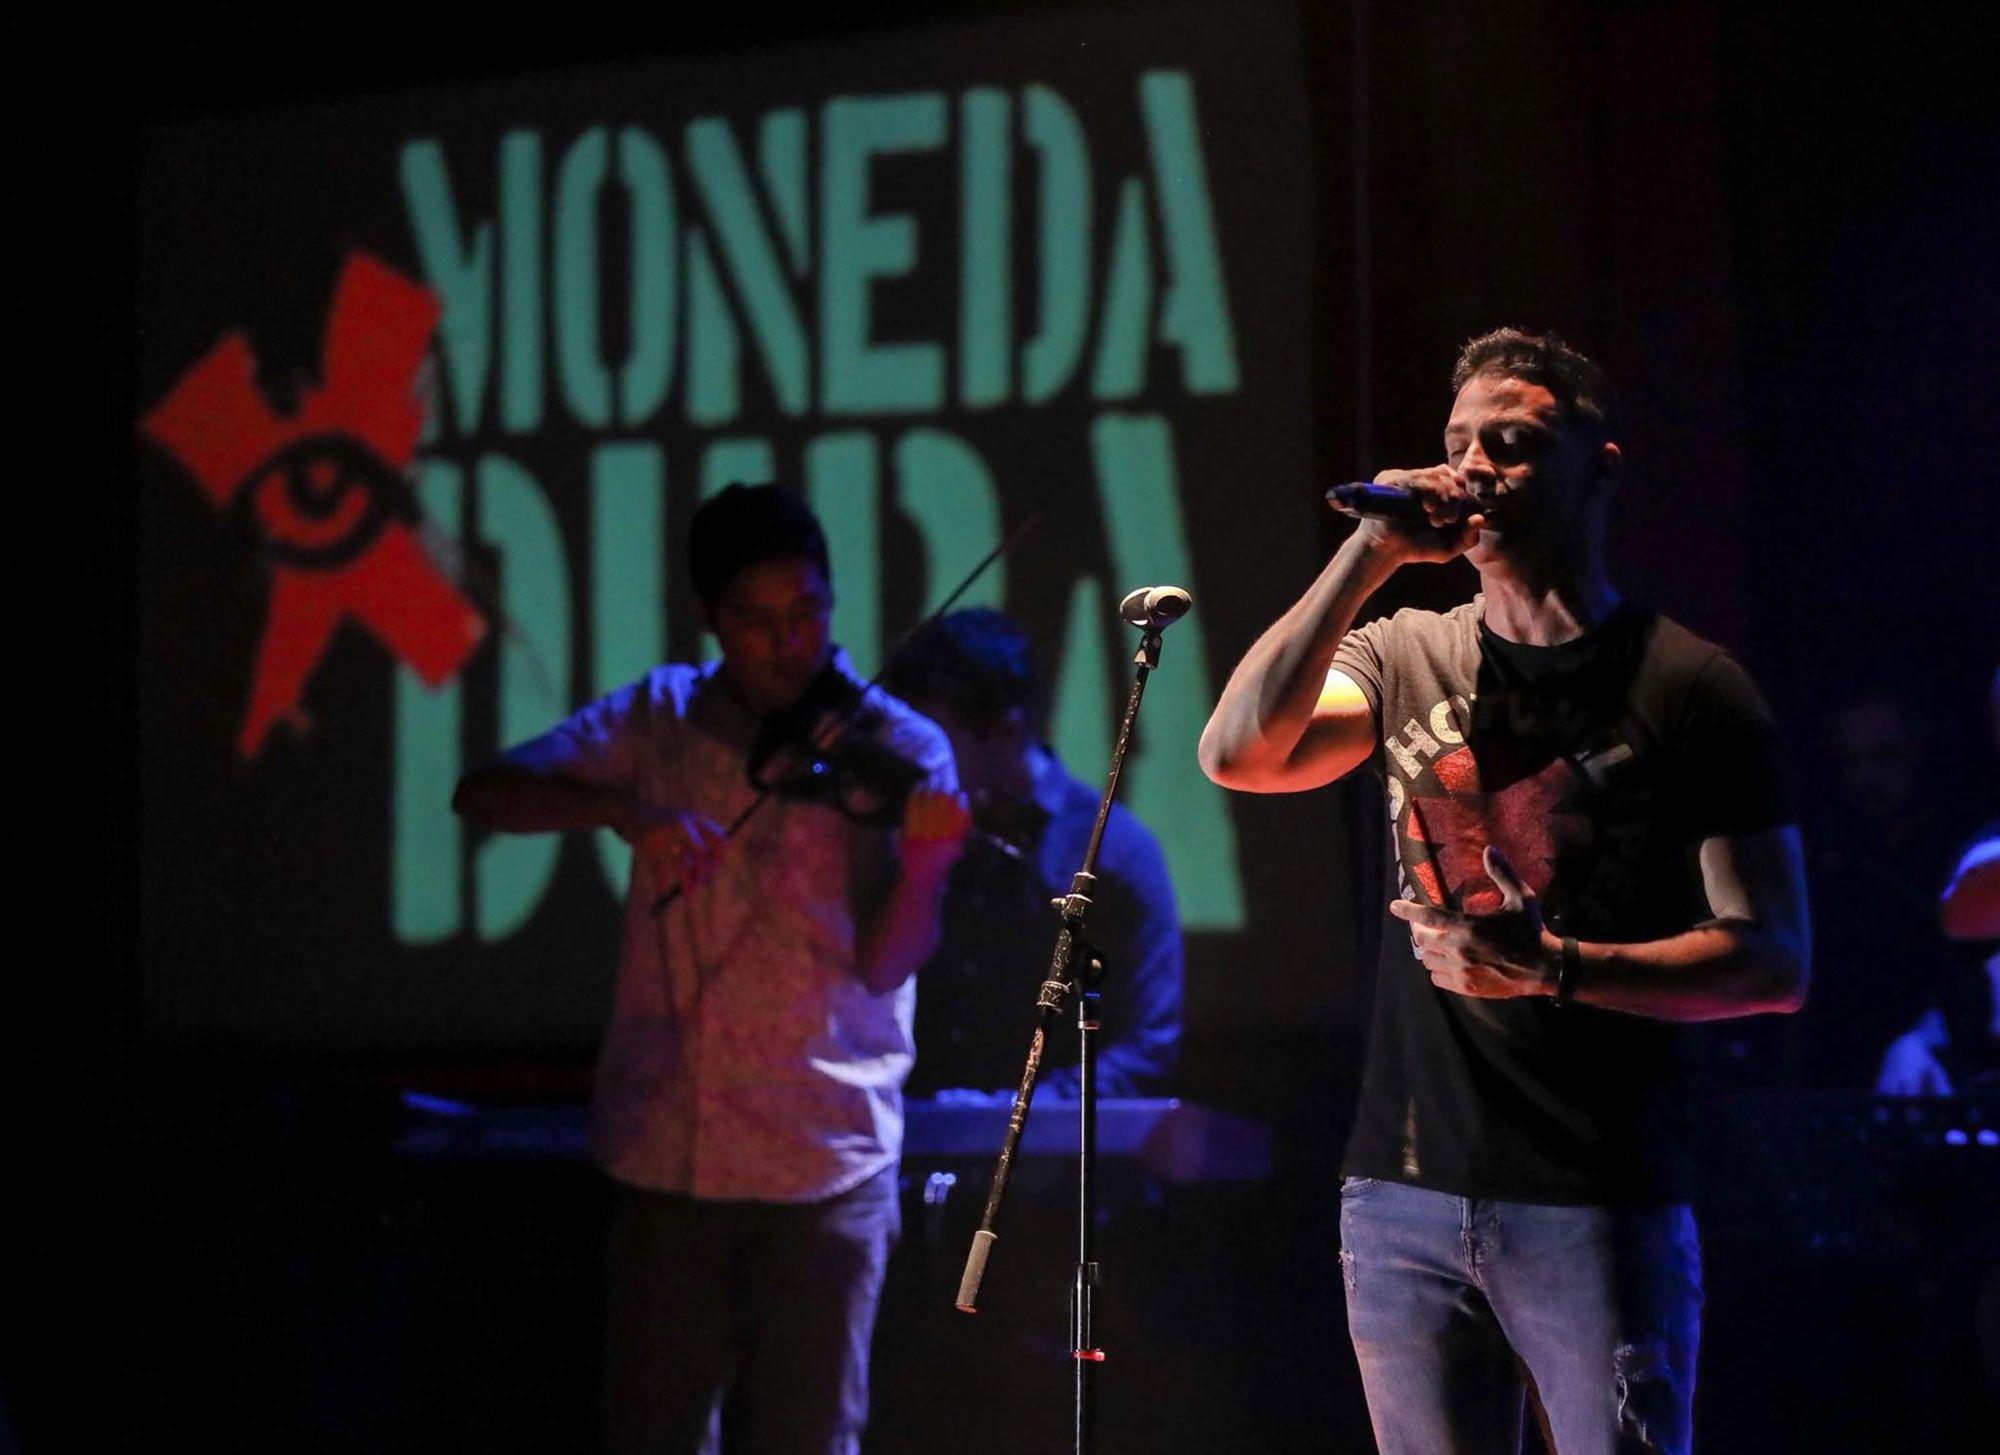 Nassiry Lugo junto a Moneda en el Flamingo Theater Bar de Miami. Foto: Perfil de Facebook de Moneda Dura.